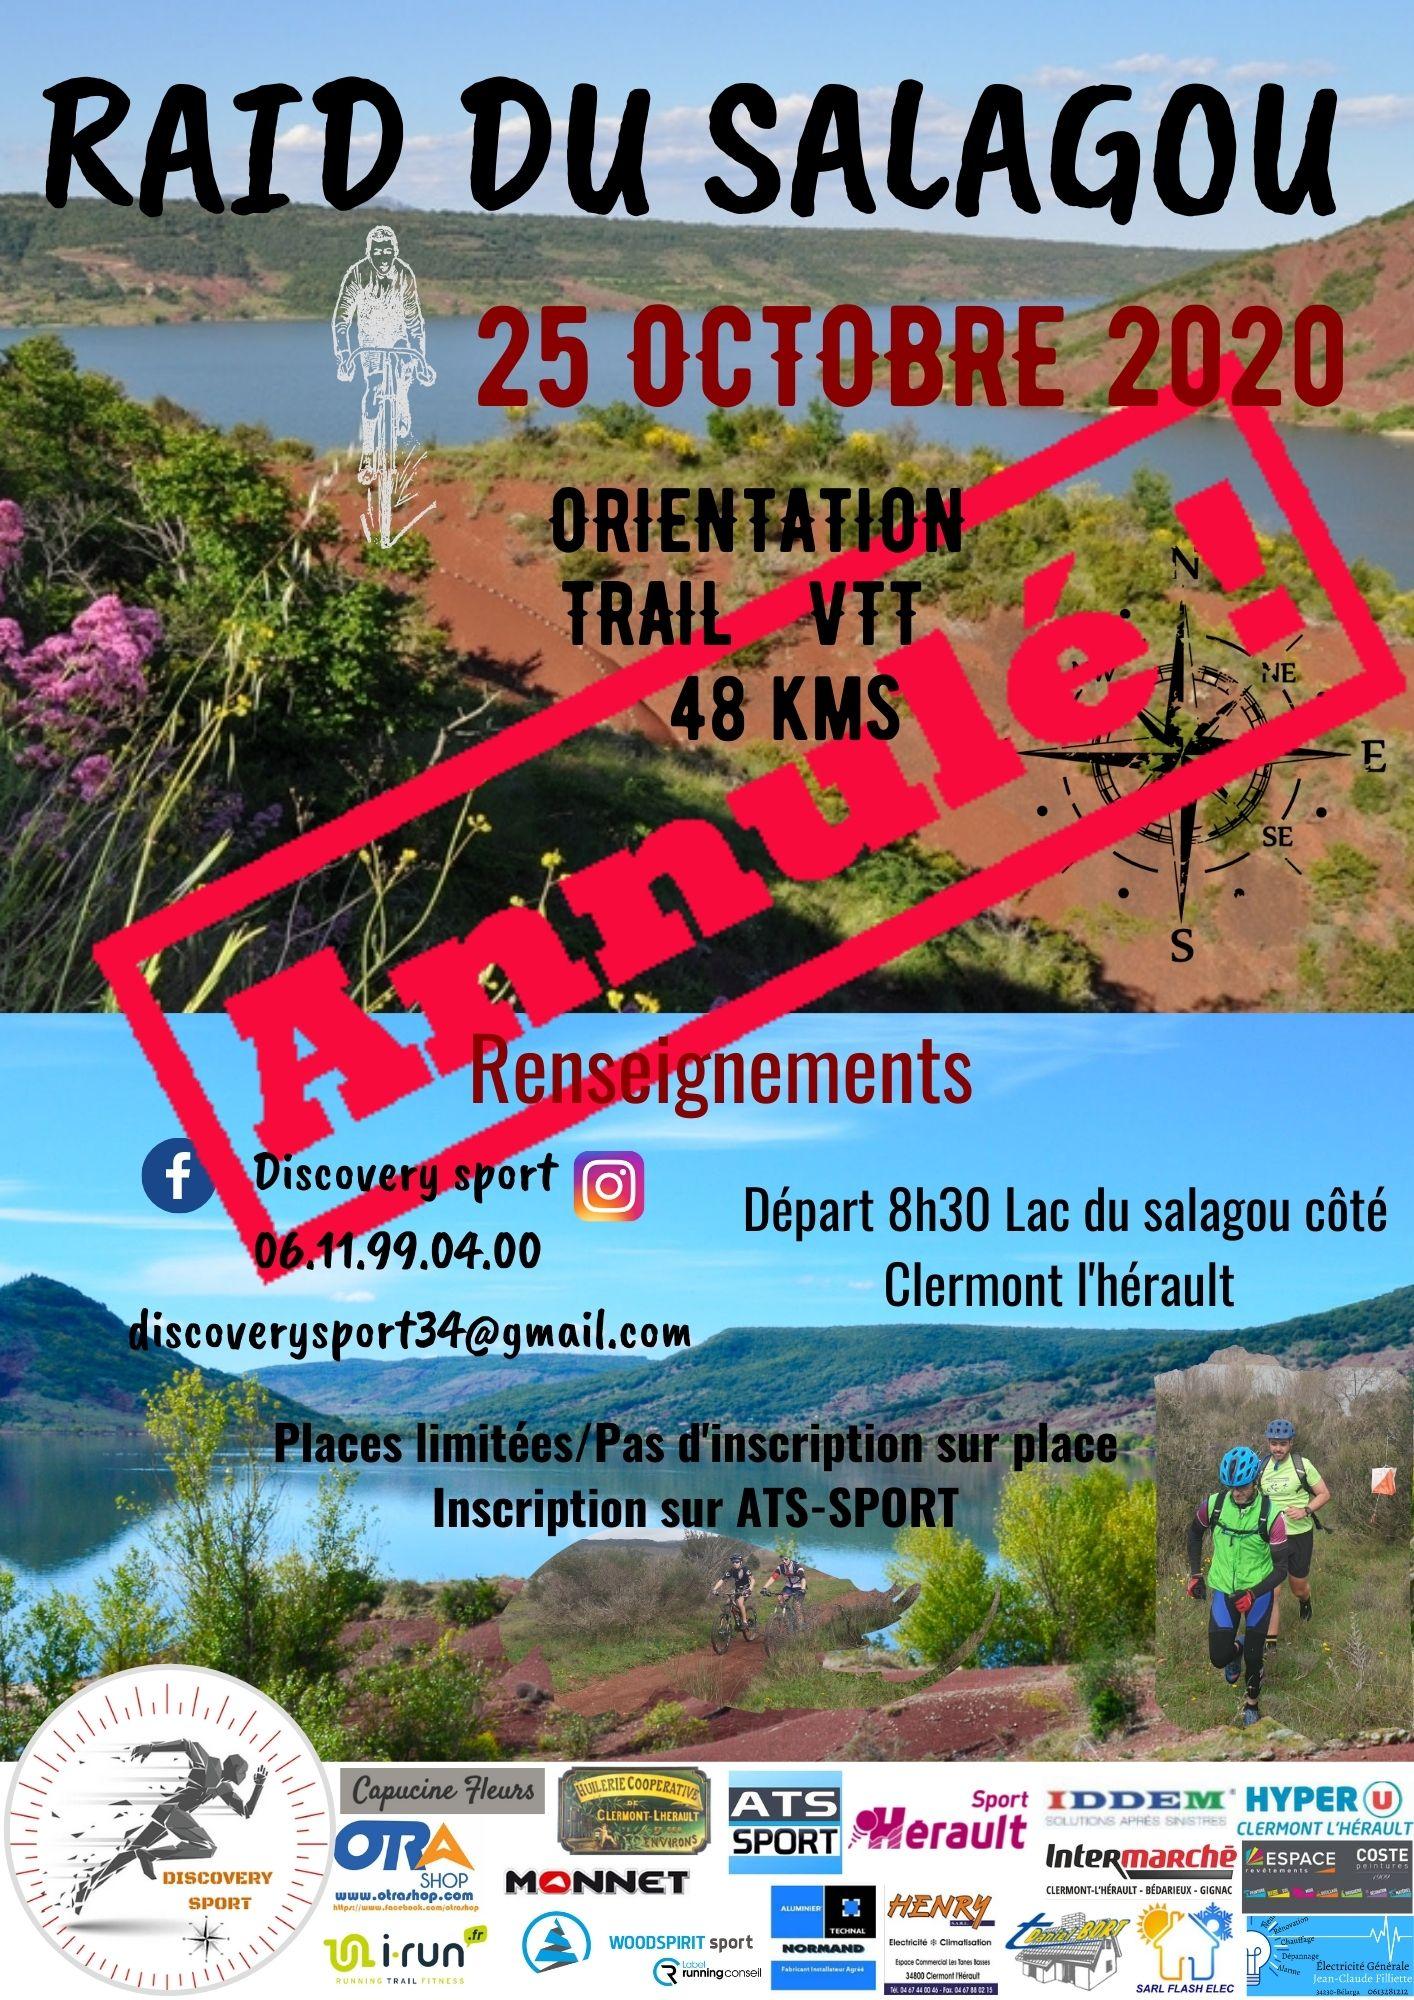 RAID_DU_SALAGOU-2020-10-23-12-35-37